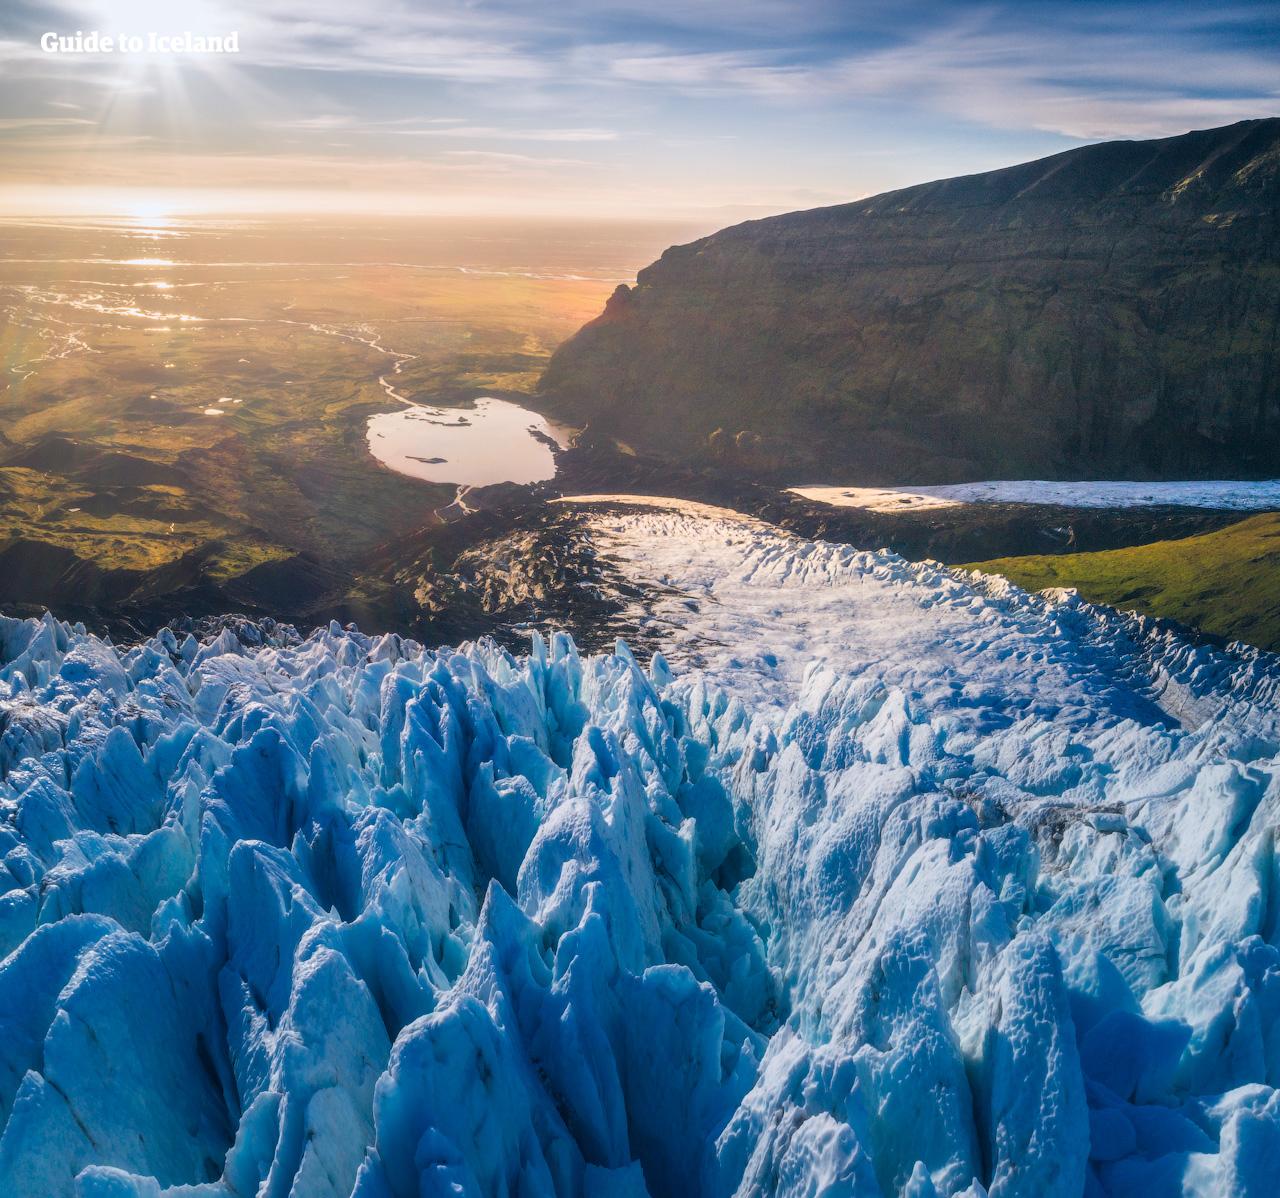 在夏季自驾游览冰岛南海岸观赏黑沙滩、冰川和青葱的绿色美景吧